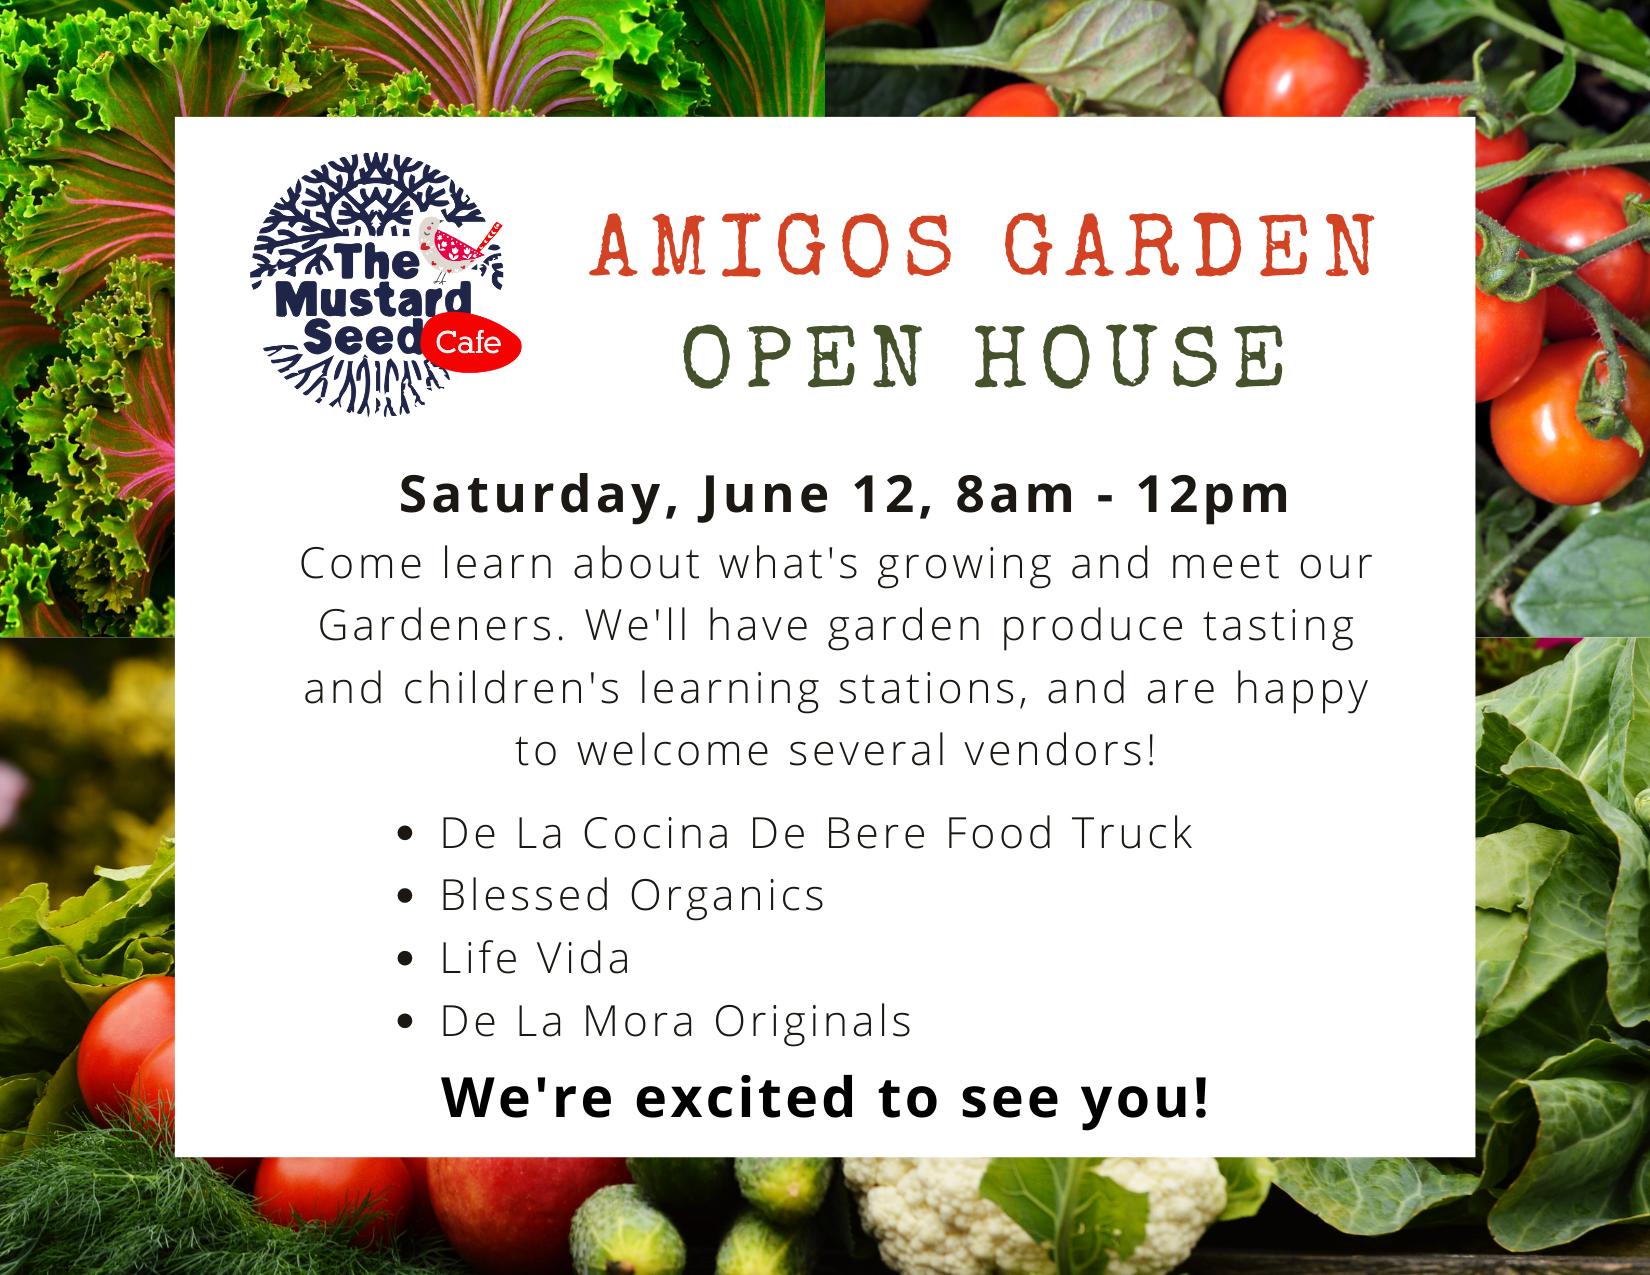 Amigos Garden Open House